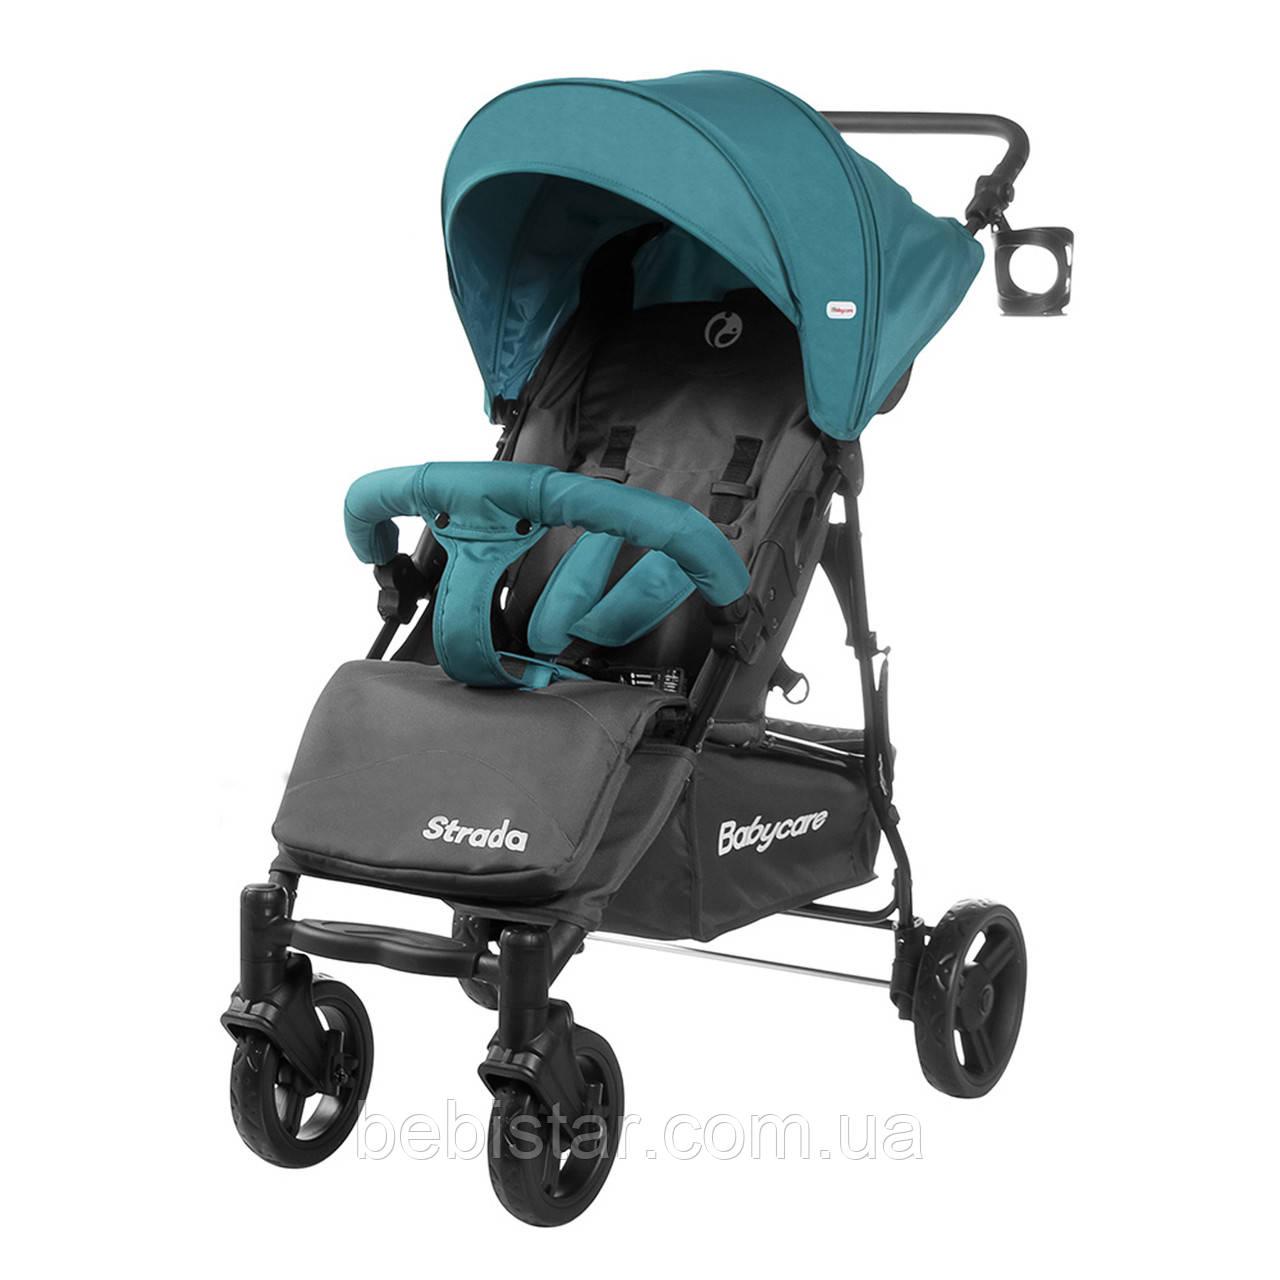 Прогулочная коляска зеленая Babycare Strada CRL-7305 Lime Green